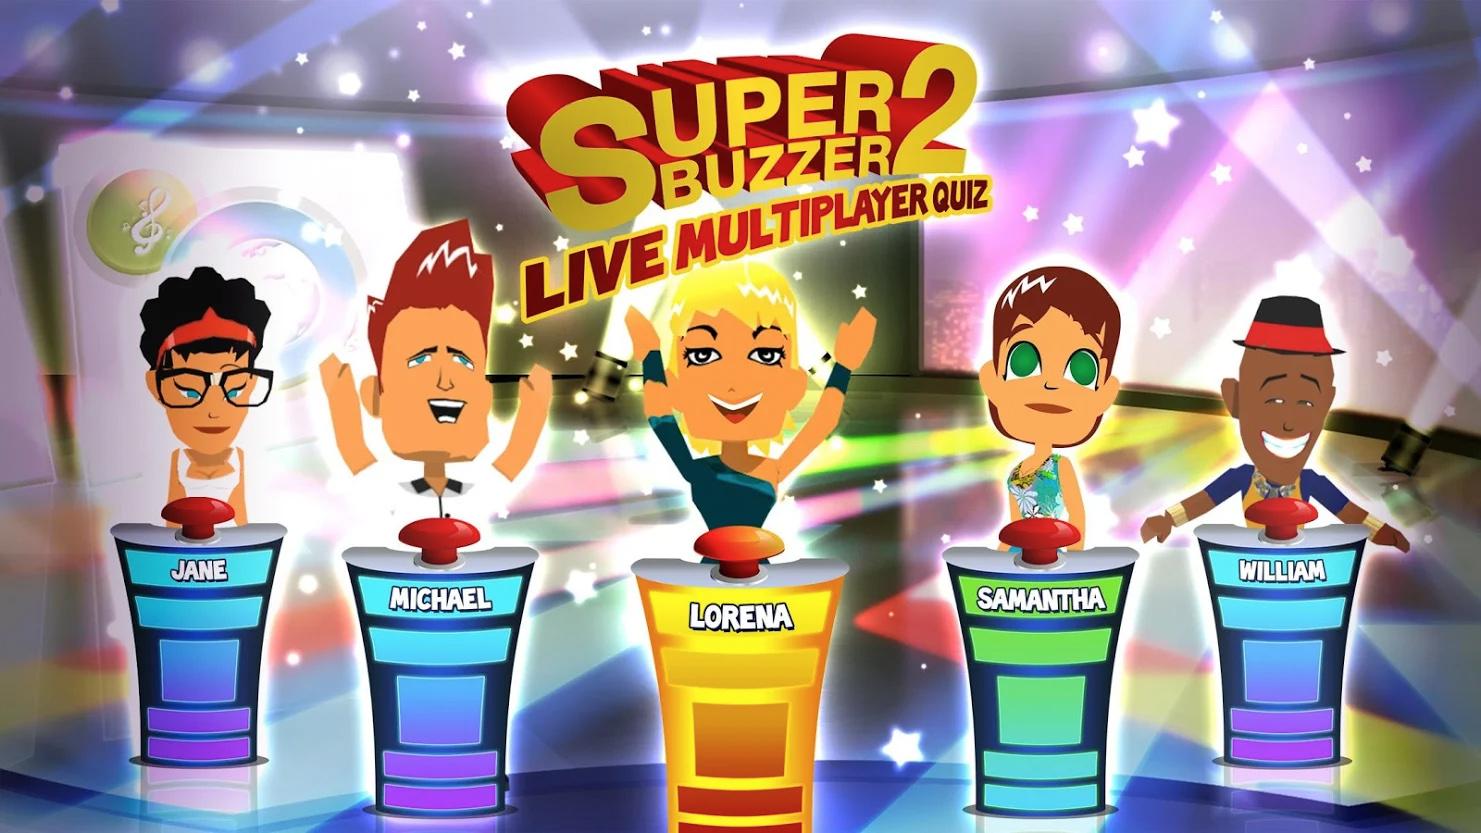 Superbuzzer